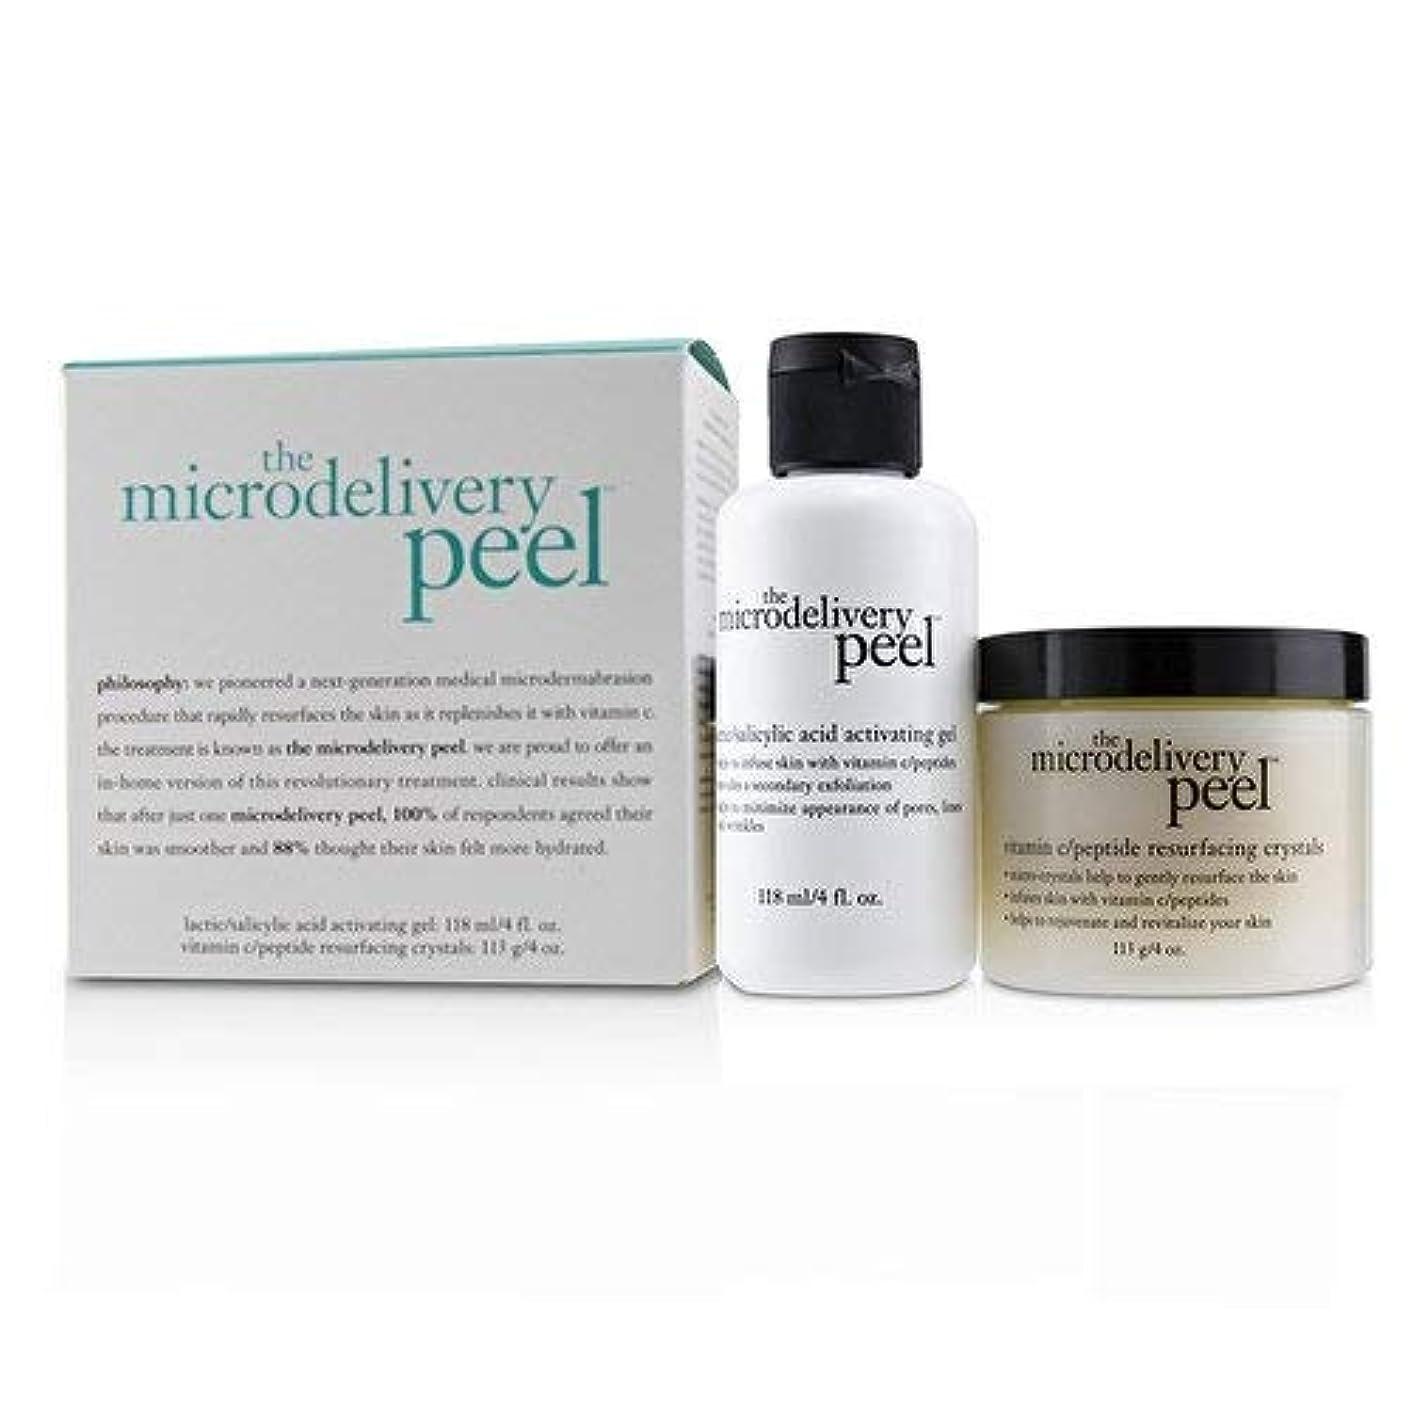 ショッキングガソリン側溝フィロソフィー The Microdelivery Peel: Lactic/Salicylic Acid Activating Gel 118ml + Vitamin C/Peptide Resurfacing Crystals 2pcs並行輸入品